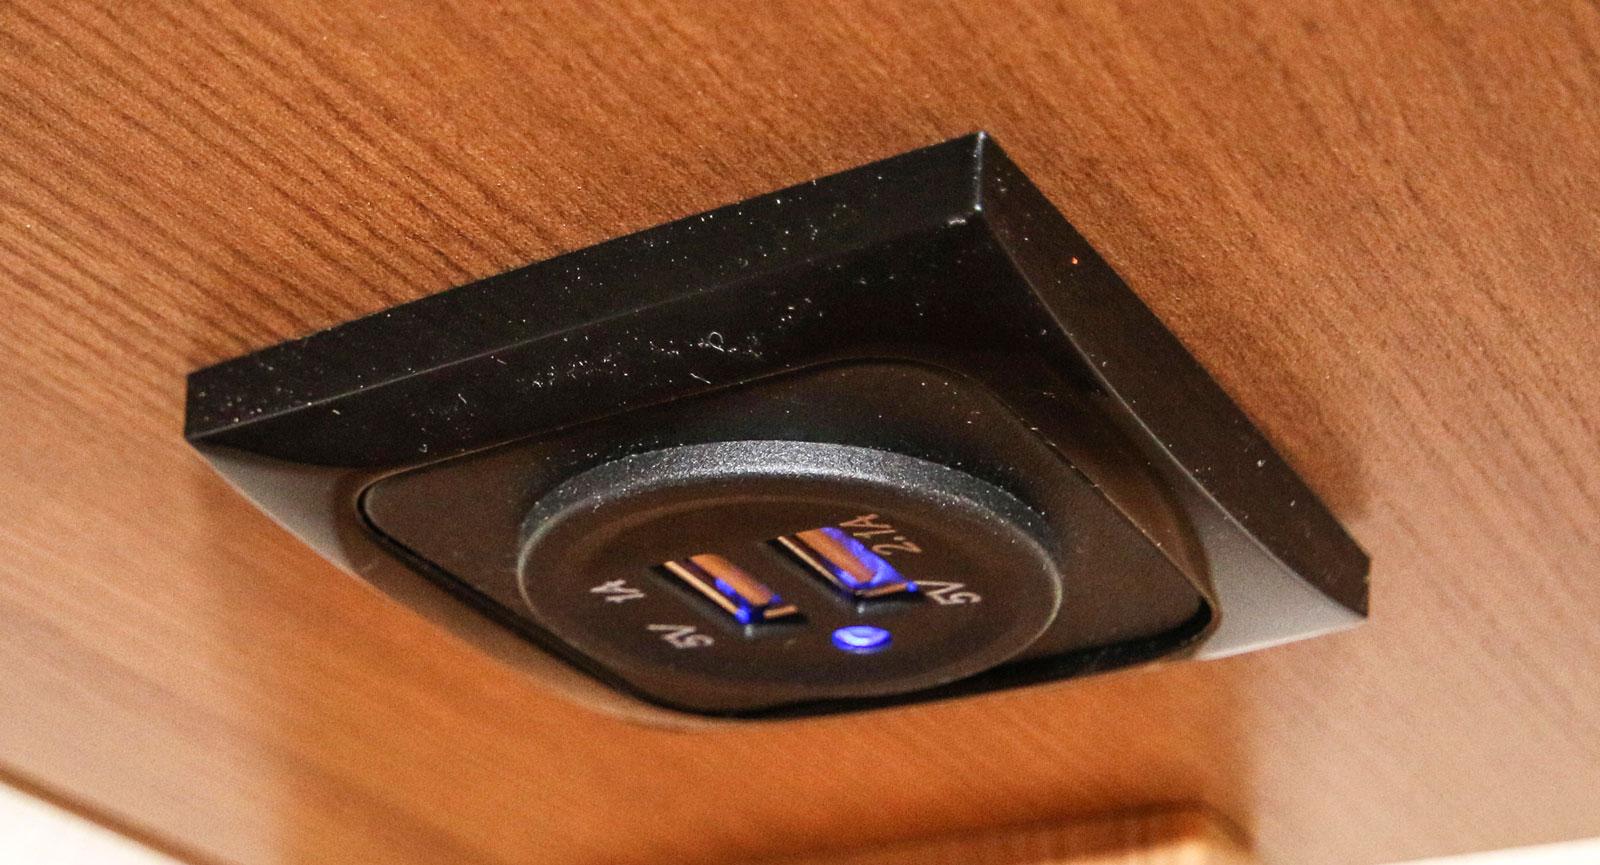 Jodå, vid soffan finns det även uttag att ladda komponenter som har USB-port.